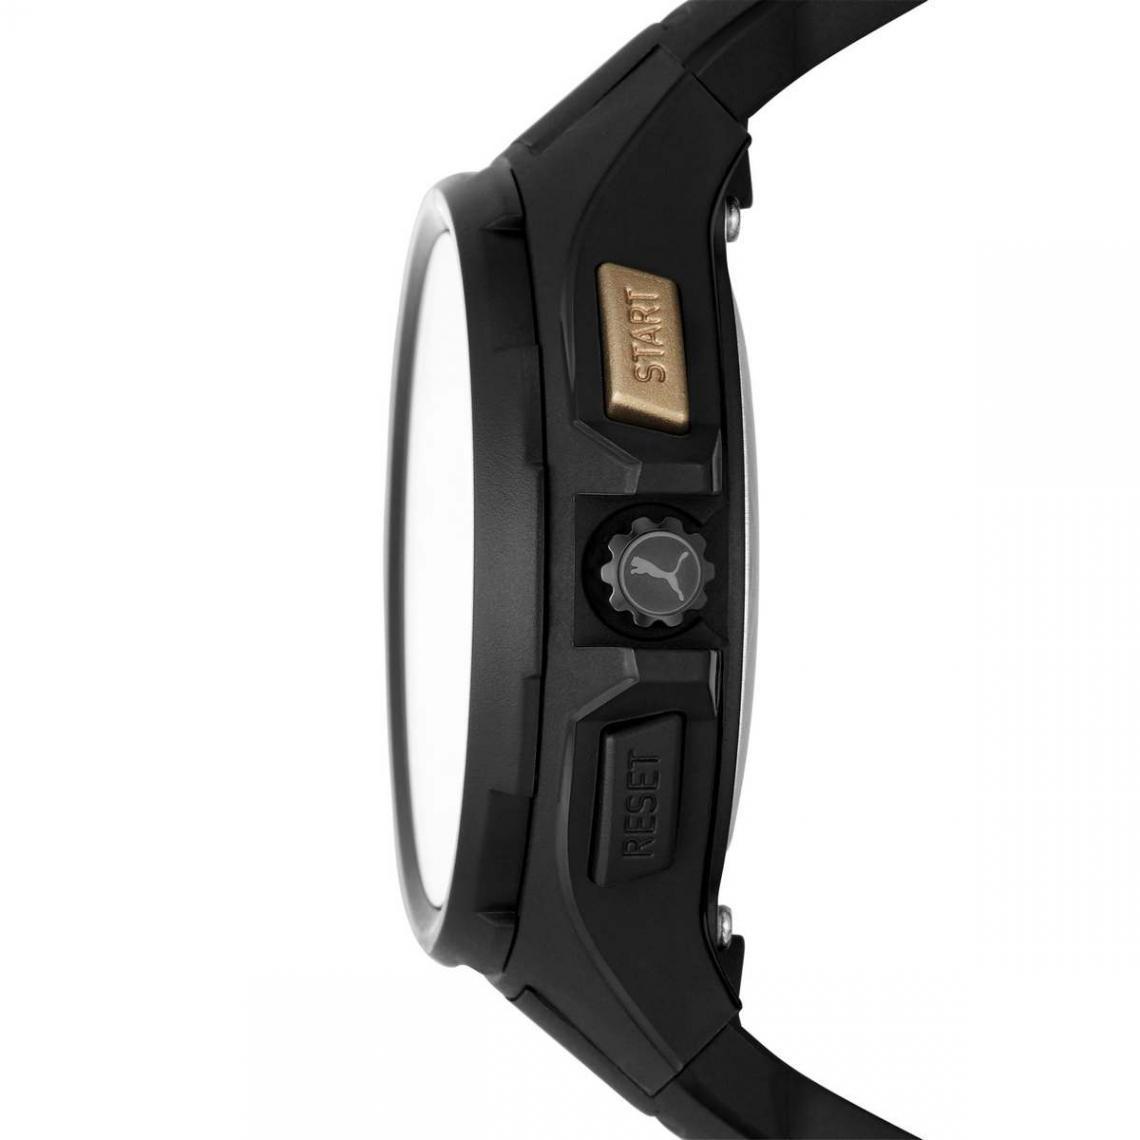 Montre Homme Puma Montres P5063 - Bracelet Silicone Noir sur ...